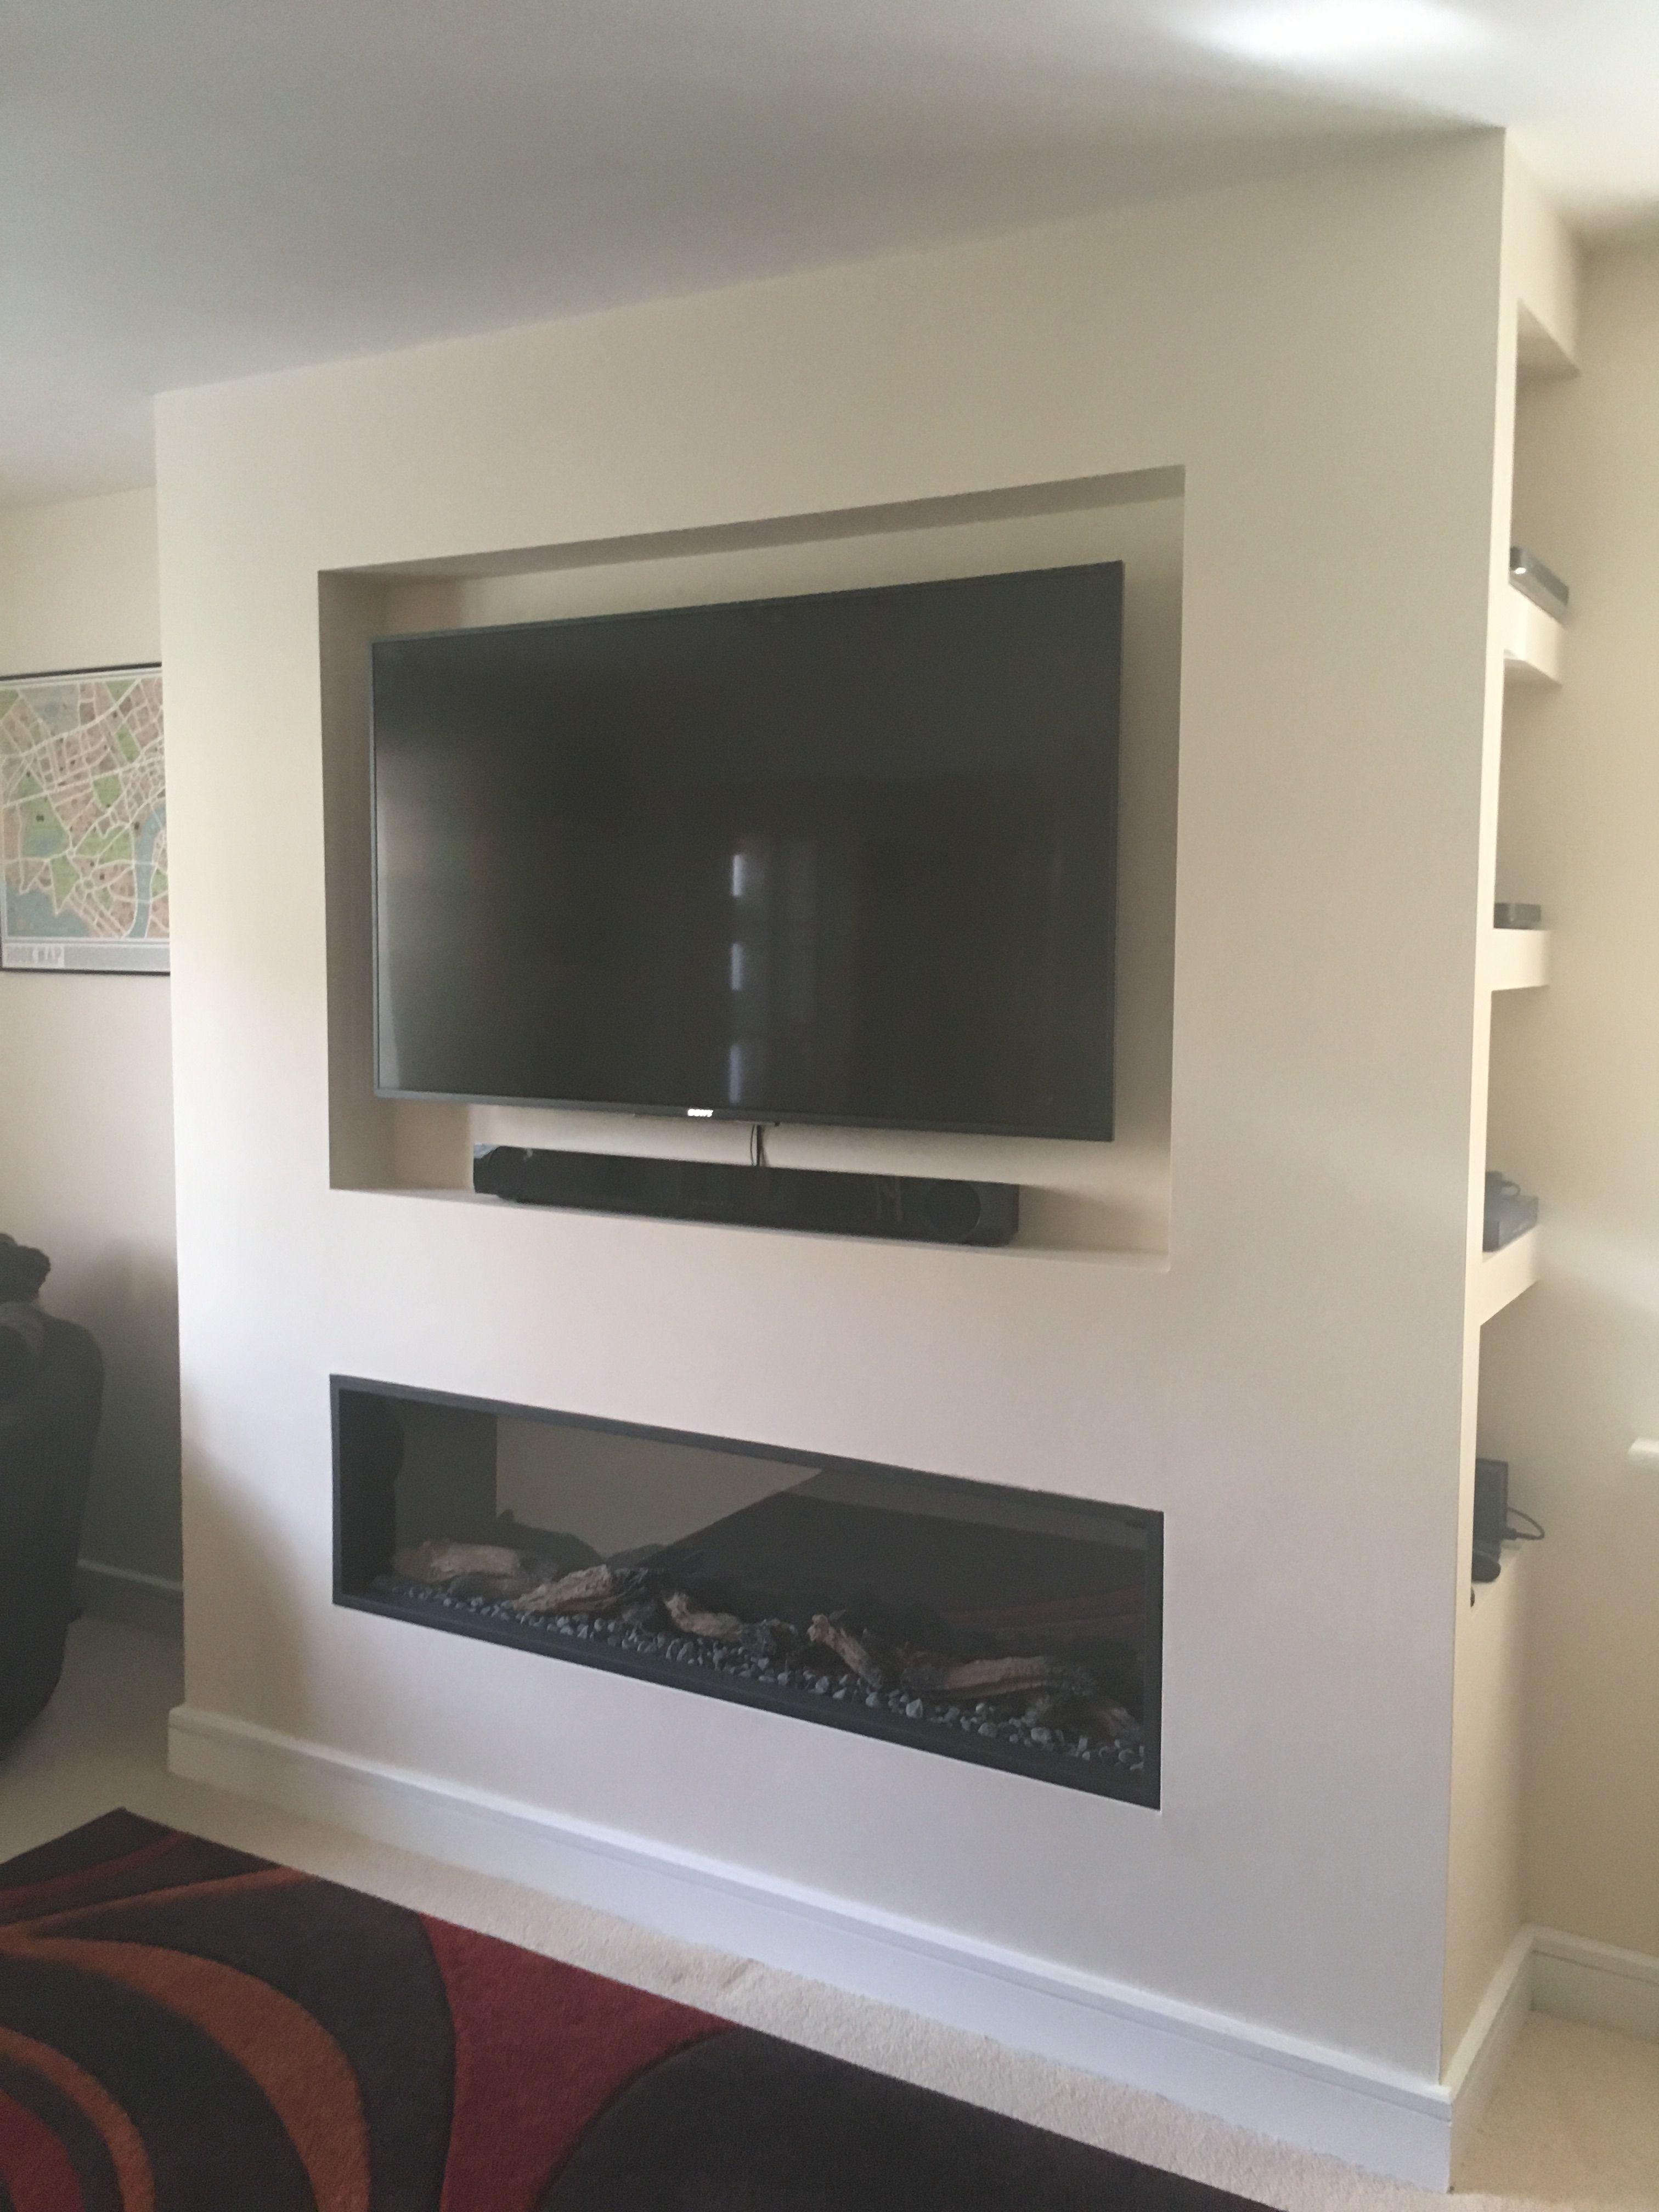 Meuble Tv Avec Barre De Son fixé au mur, télévision encastrée, barre de son, foyer